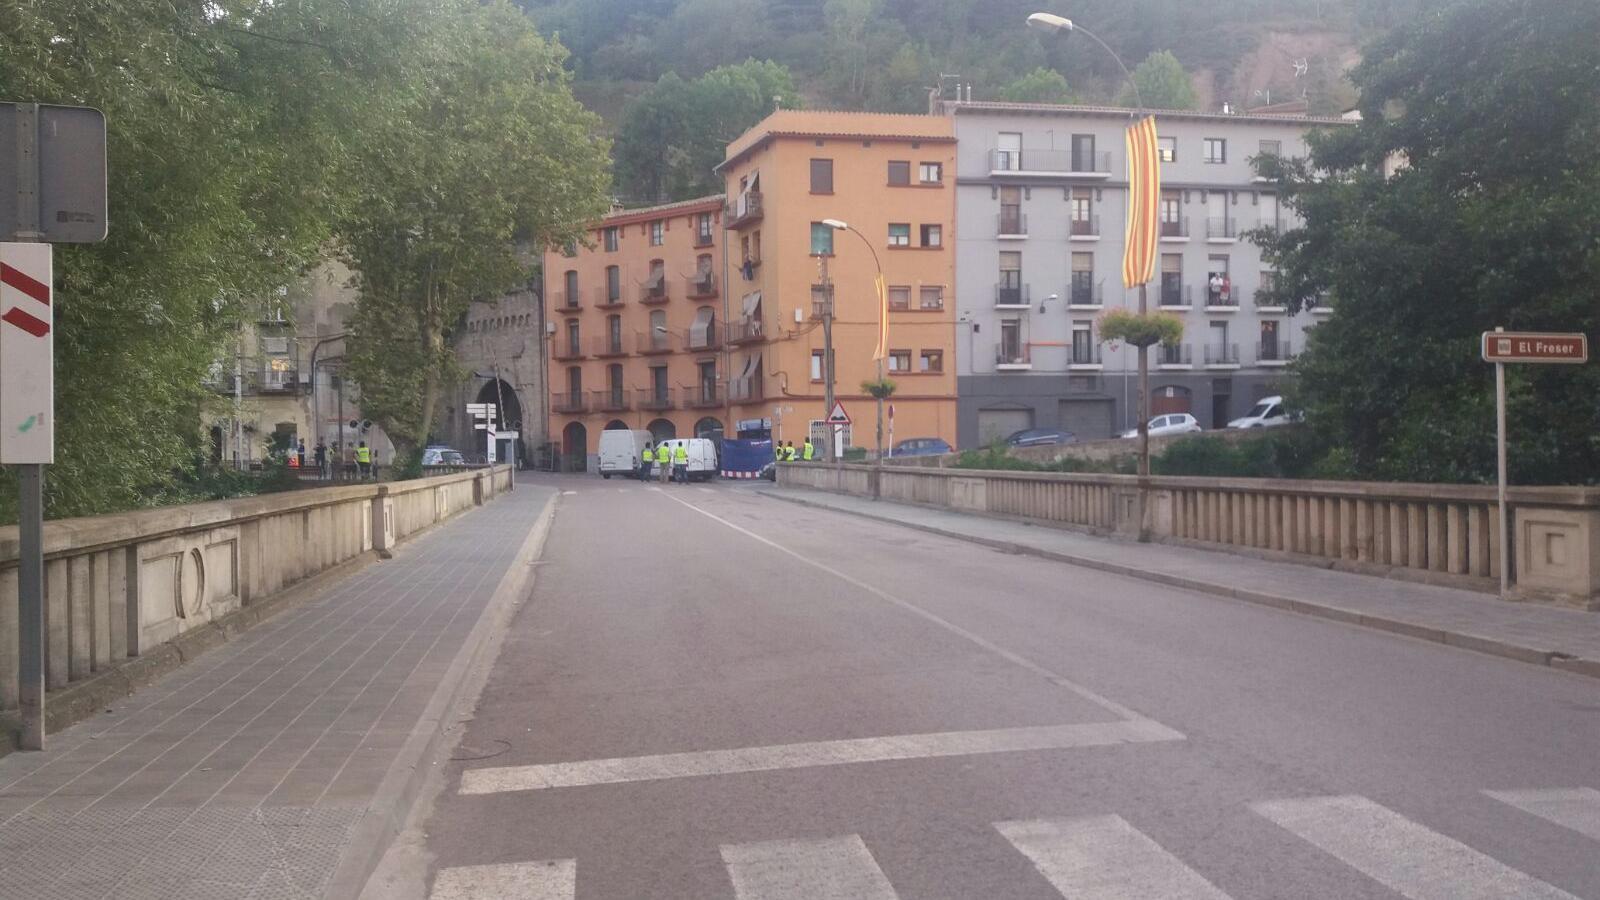 Els Mossos escorcollen un pis a Vilafranca i un locutori a Ripoll en relació amb els atemptats